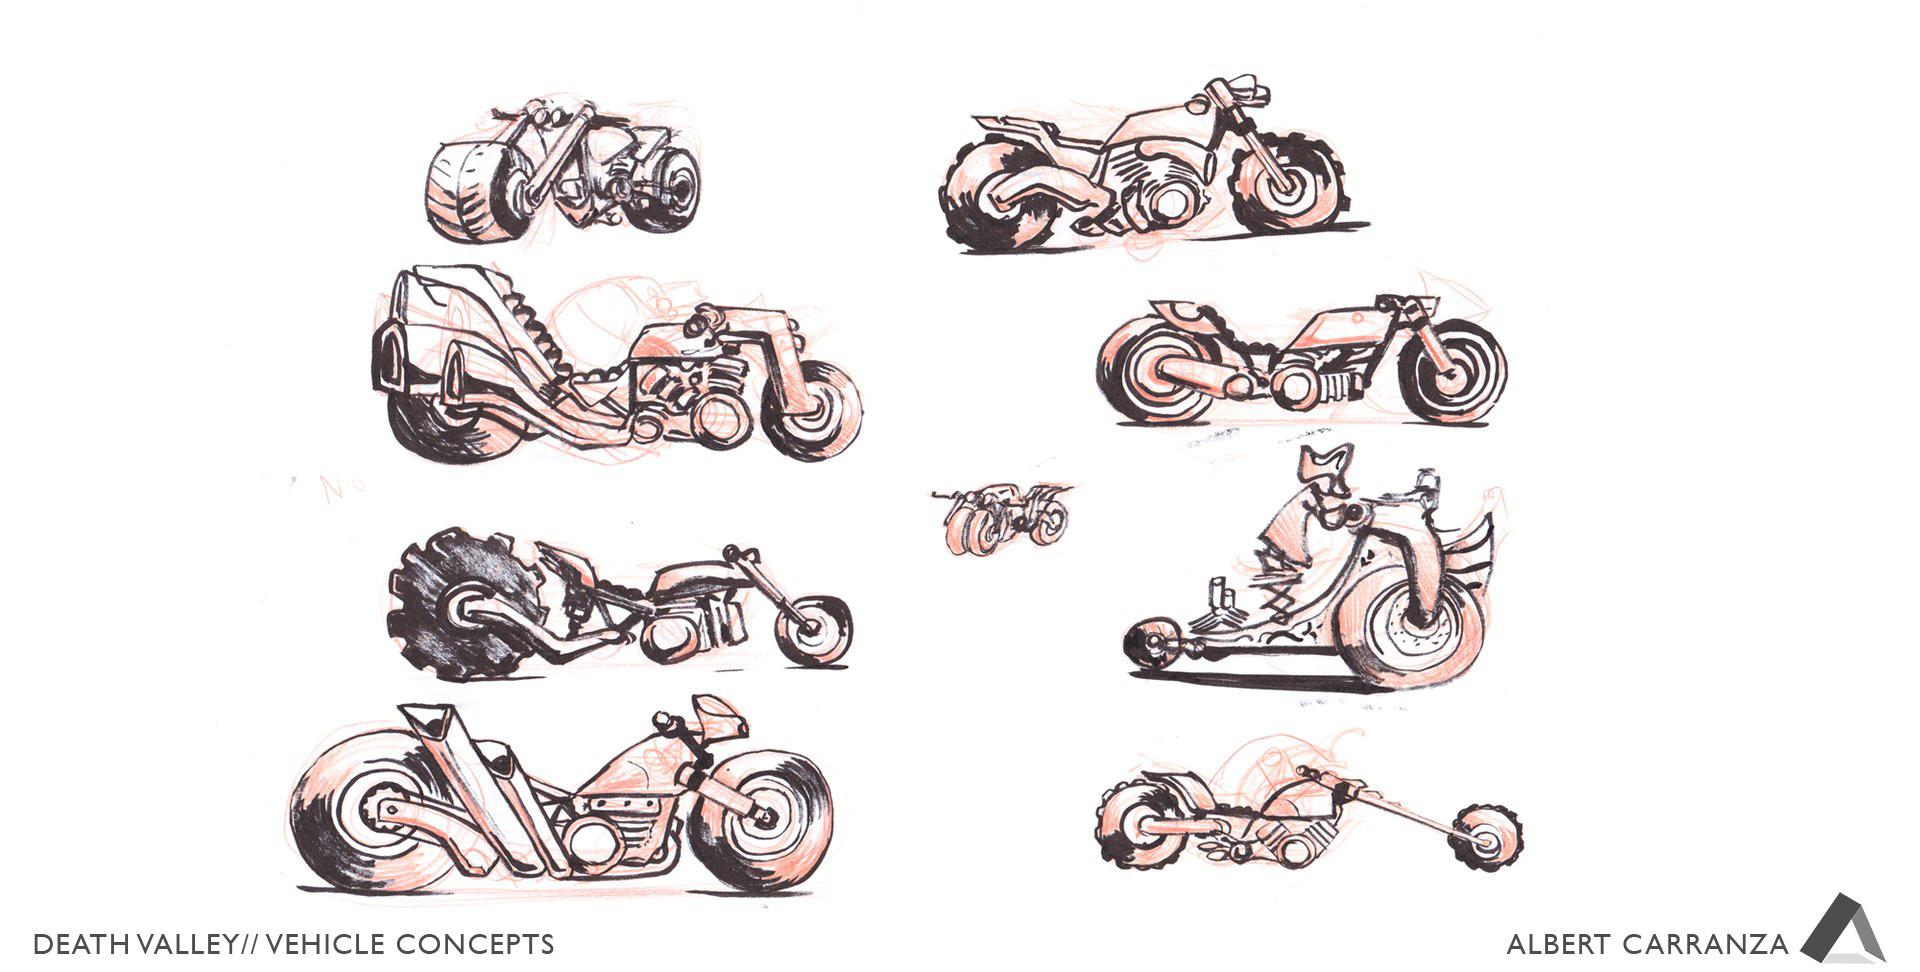 Albert carranza albert carranza albert carranza dv motosketches